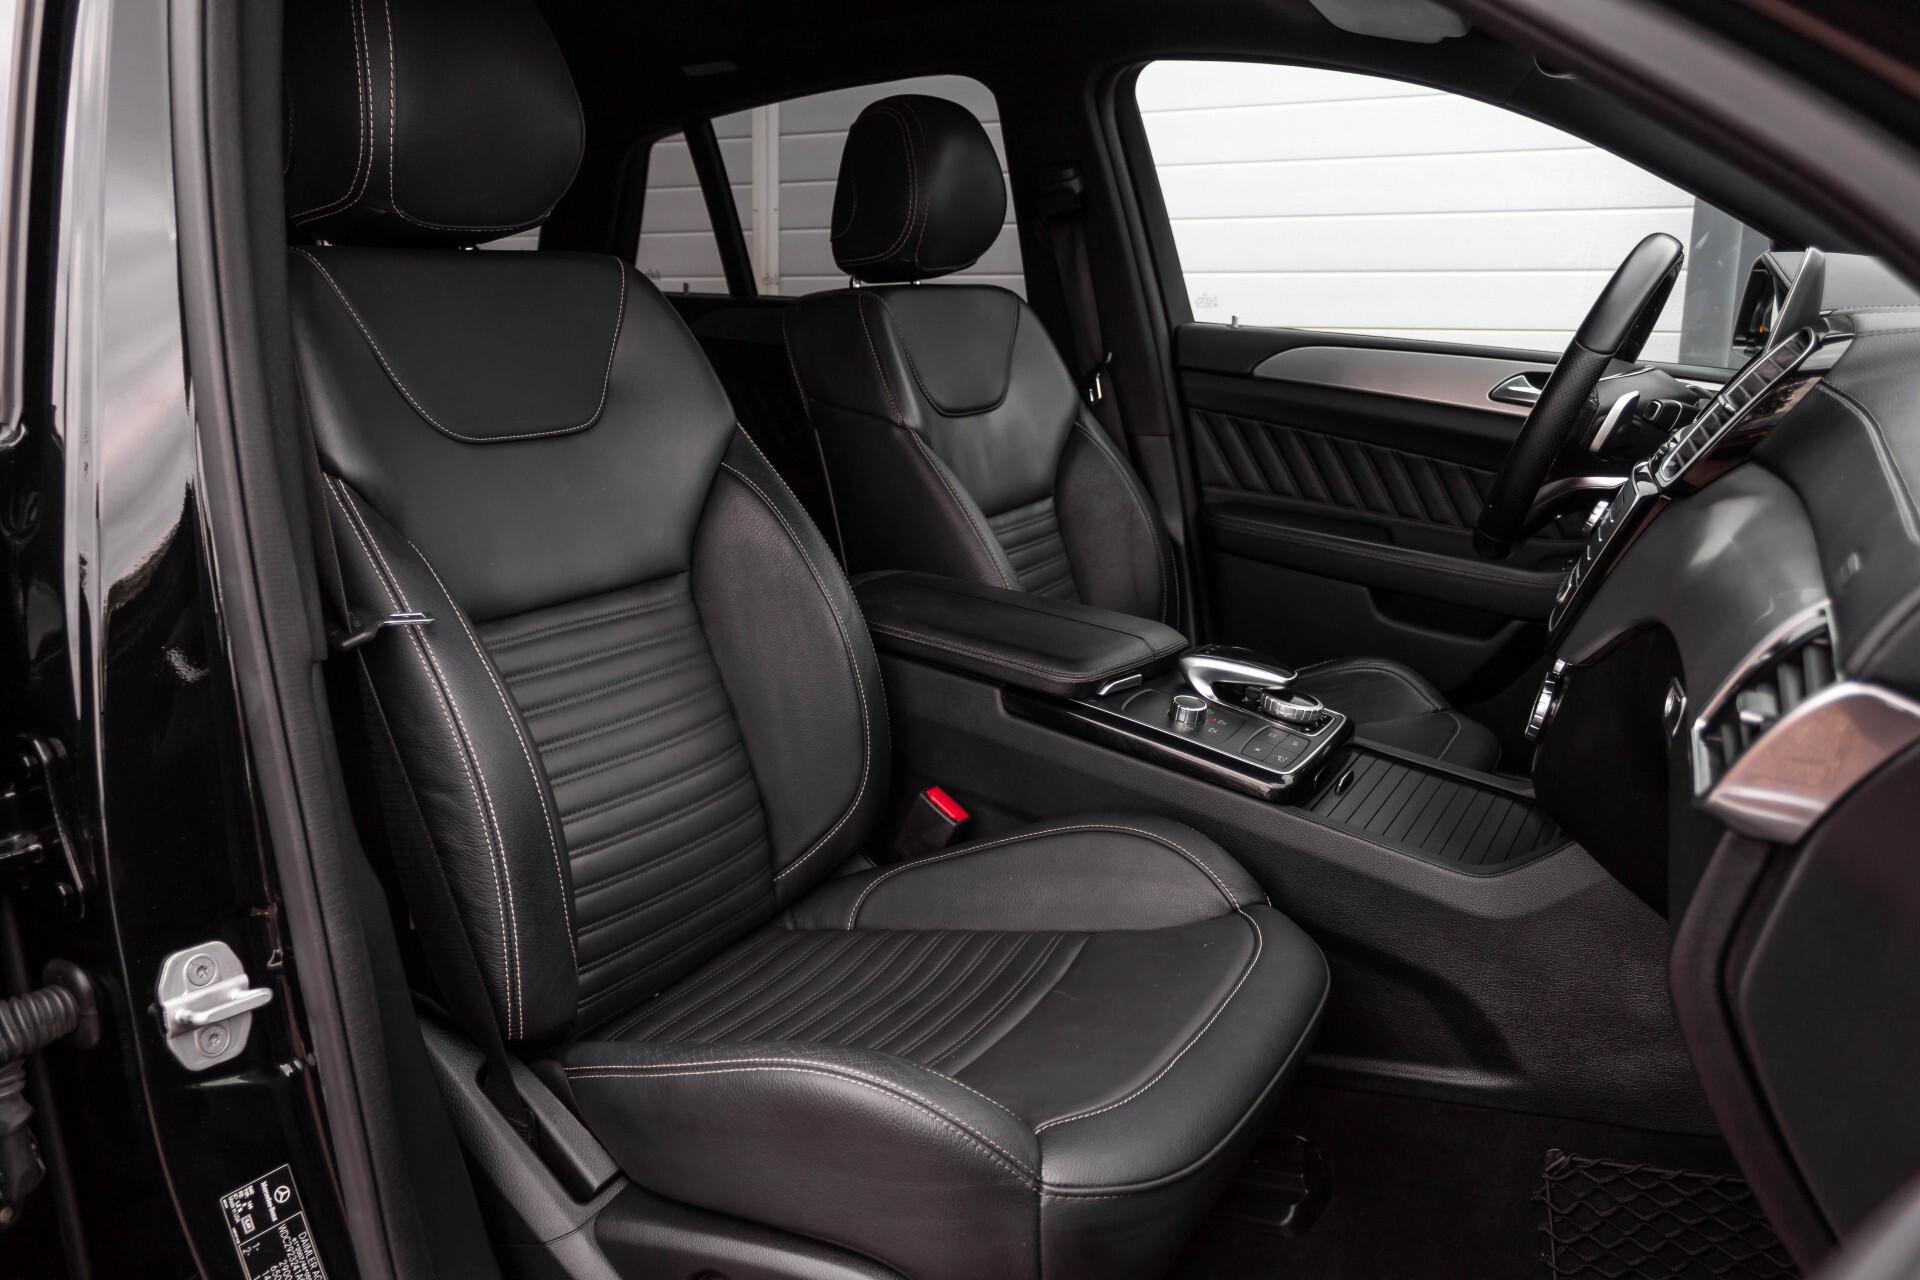 Mercedes-Benz GLE Coupé 350 d 4-M AMG Luchtvering/Distronic/Panorama/Mem/Trekhaak Aut9 Foto 3